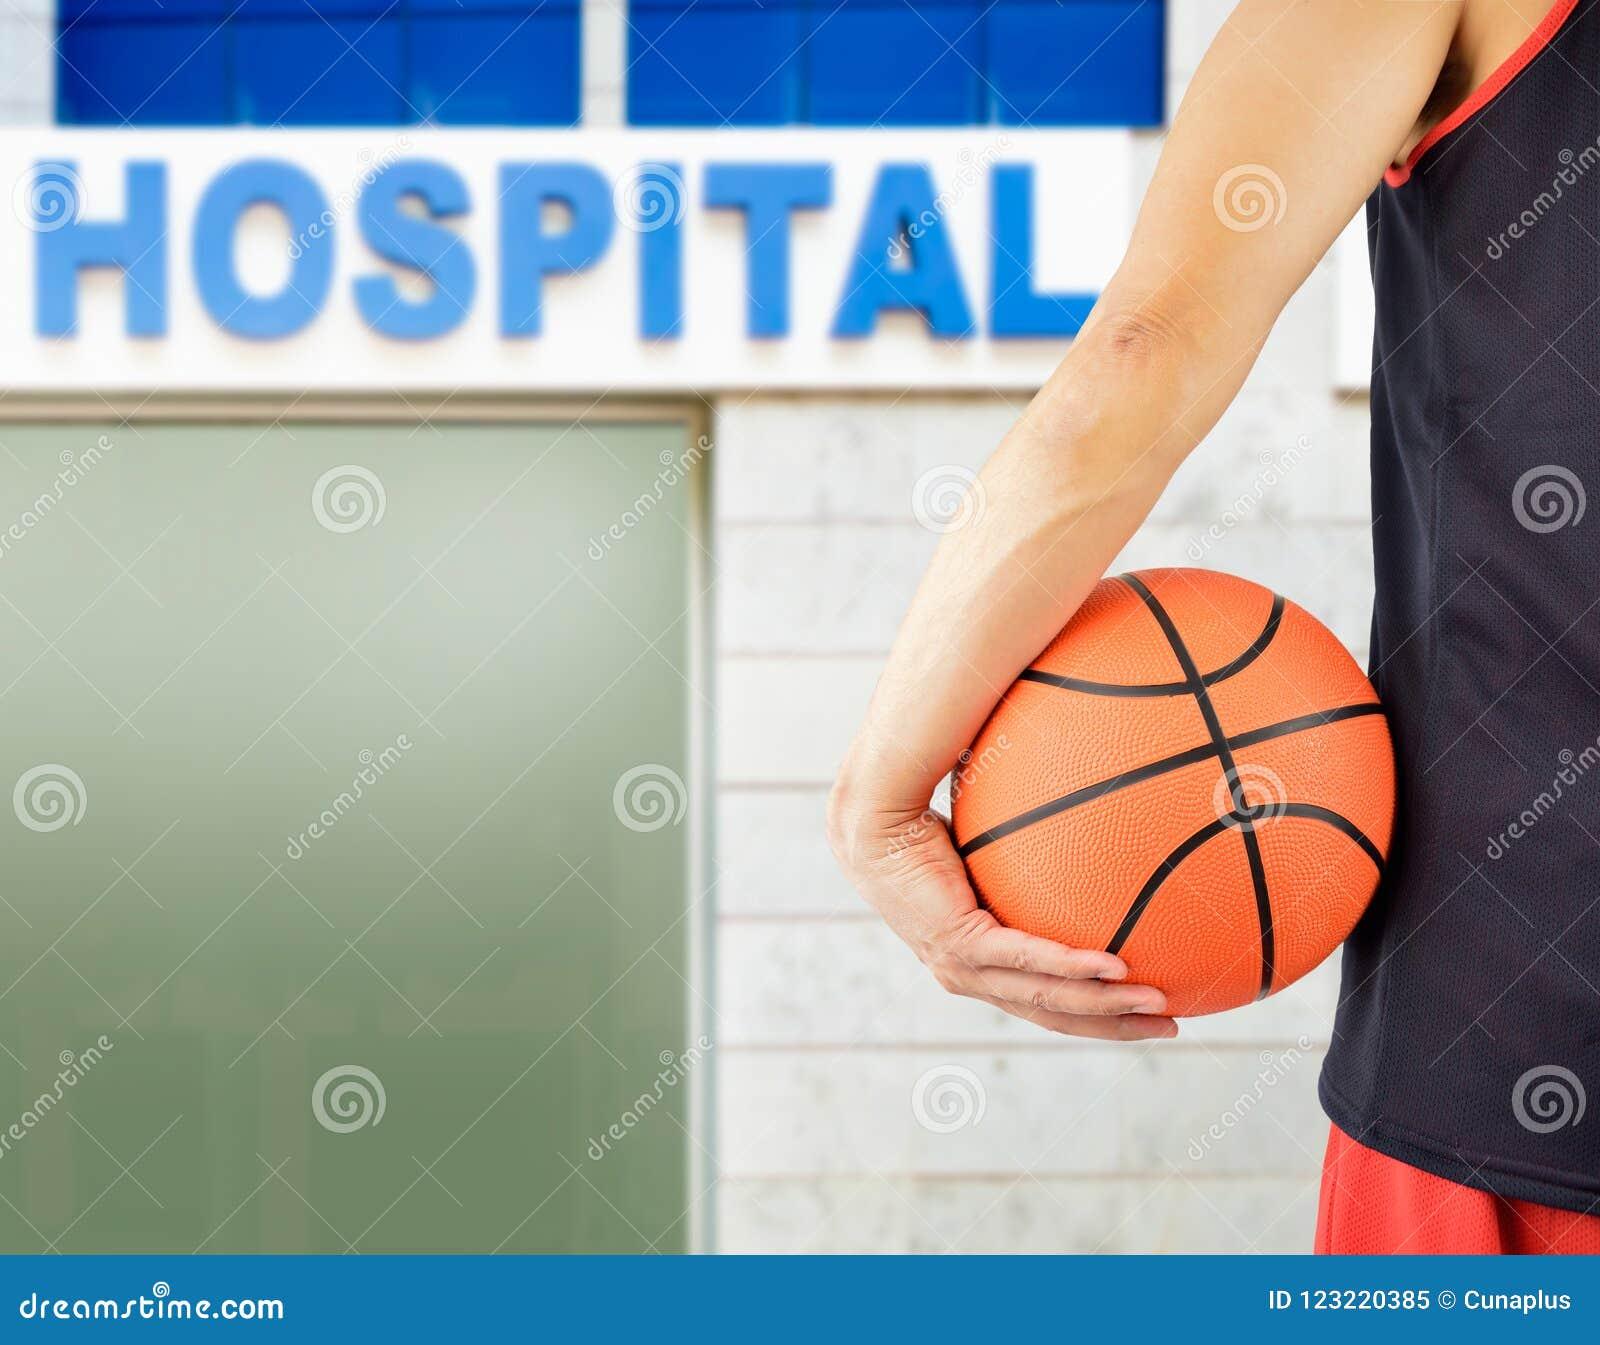 Eu preciso um hospital